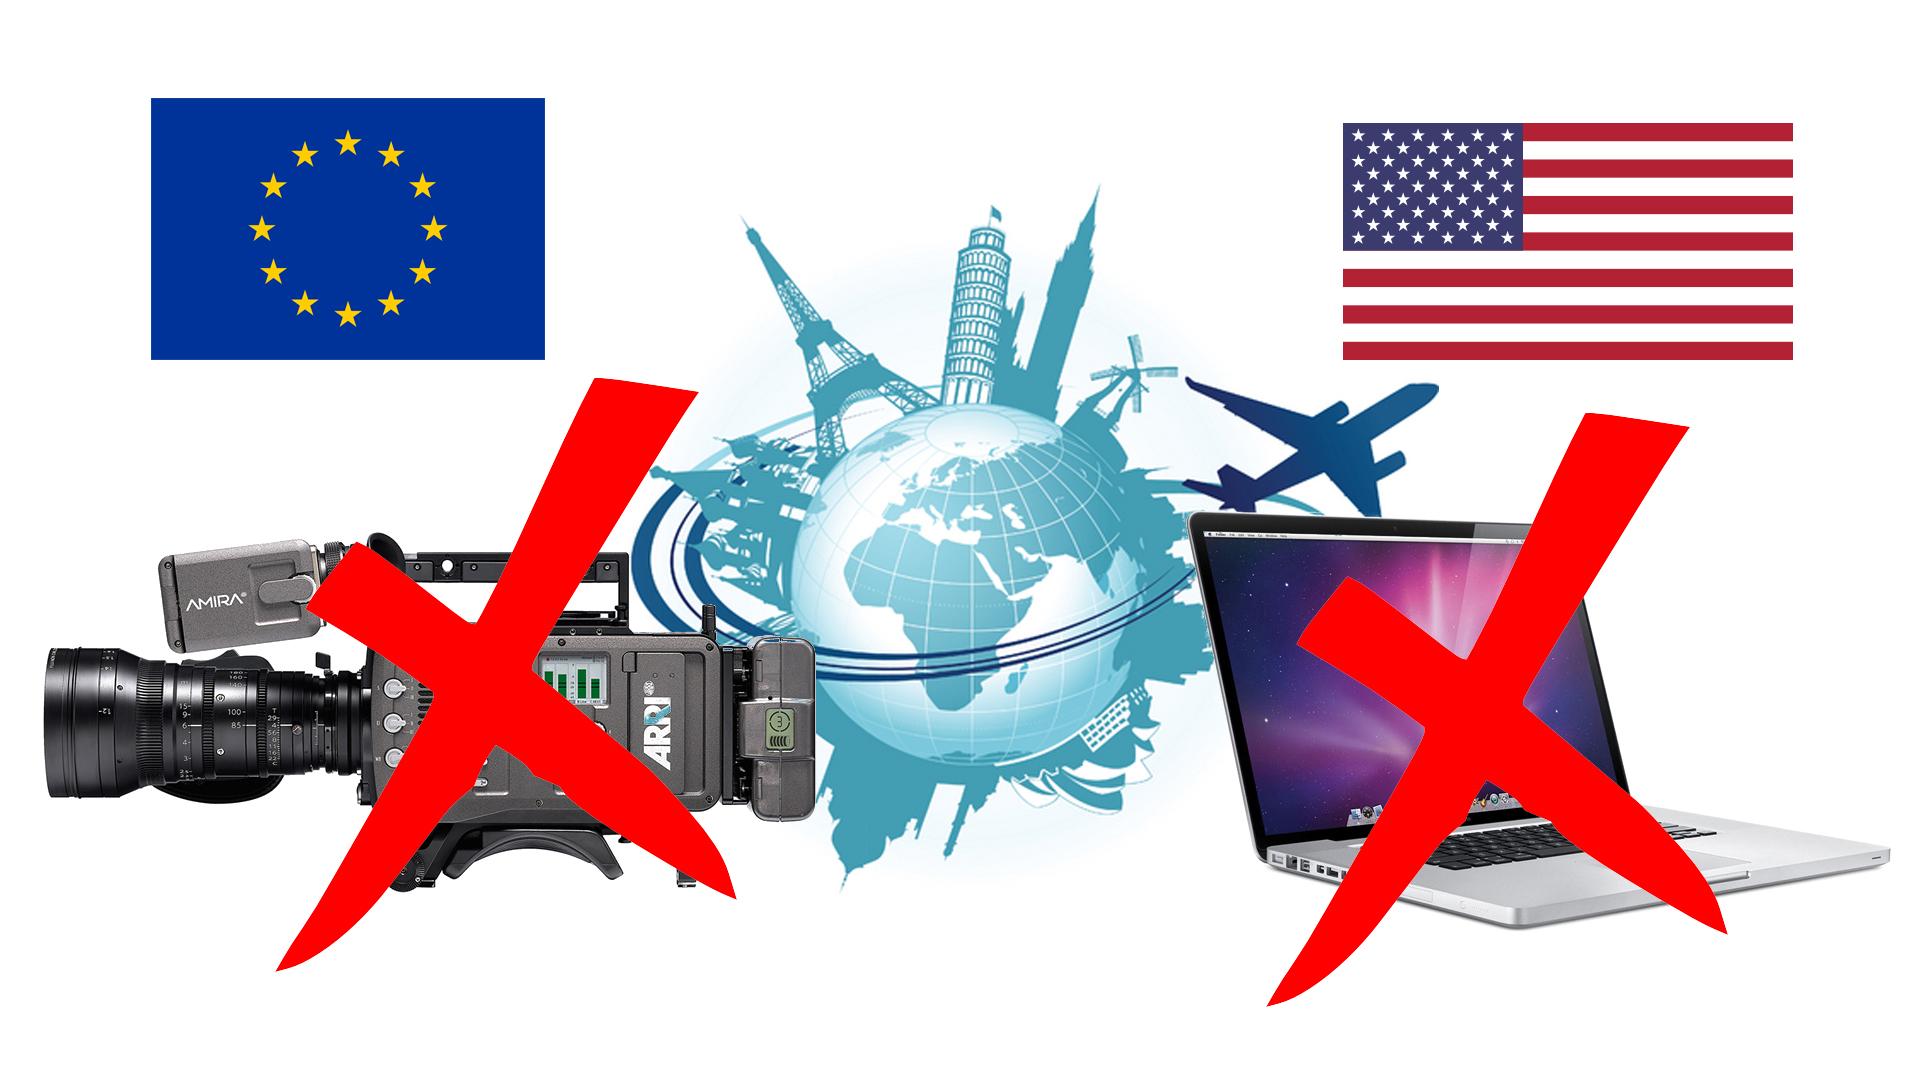 米国が電子機器の機内持ち込みを欧州便にも拡大